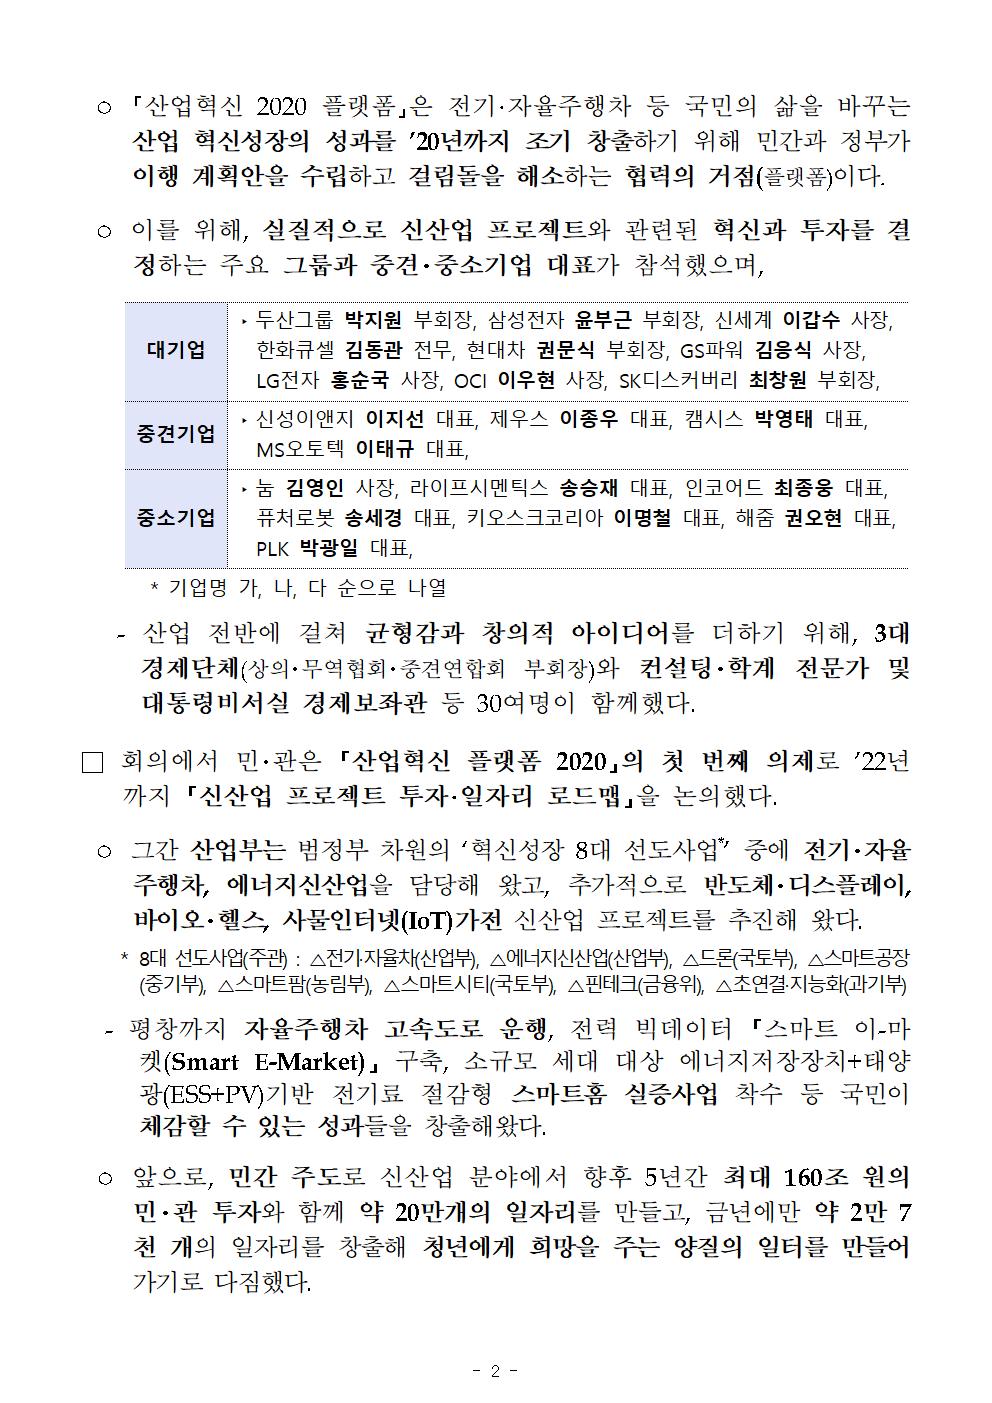 0510 (11일석간) 산업정책과, 산업혁신 2020 플랫폼002.png